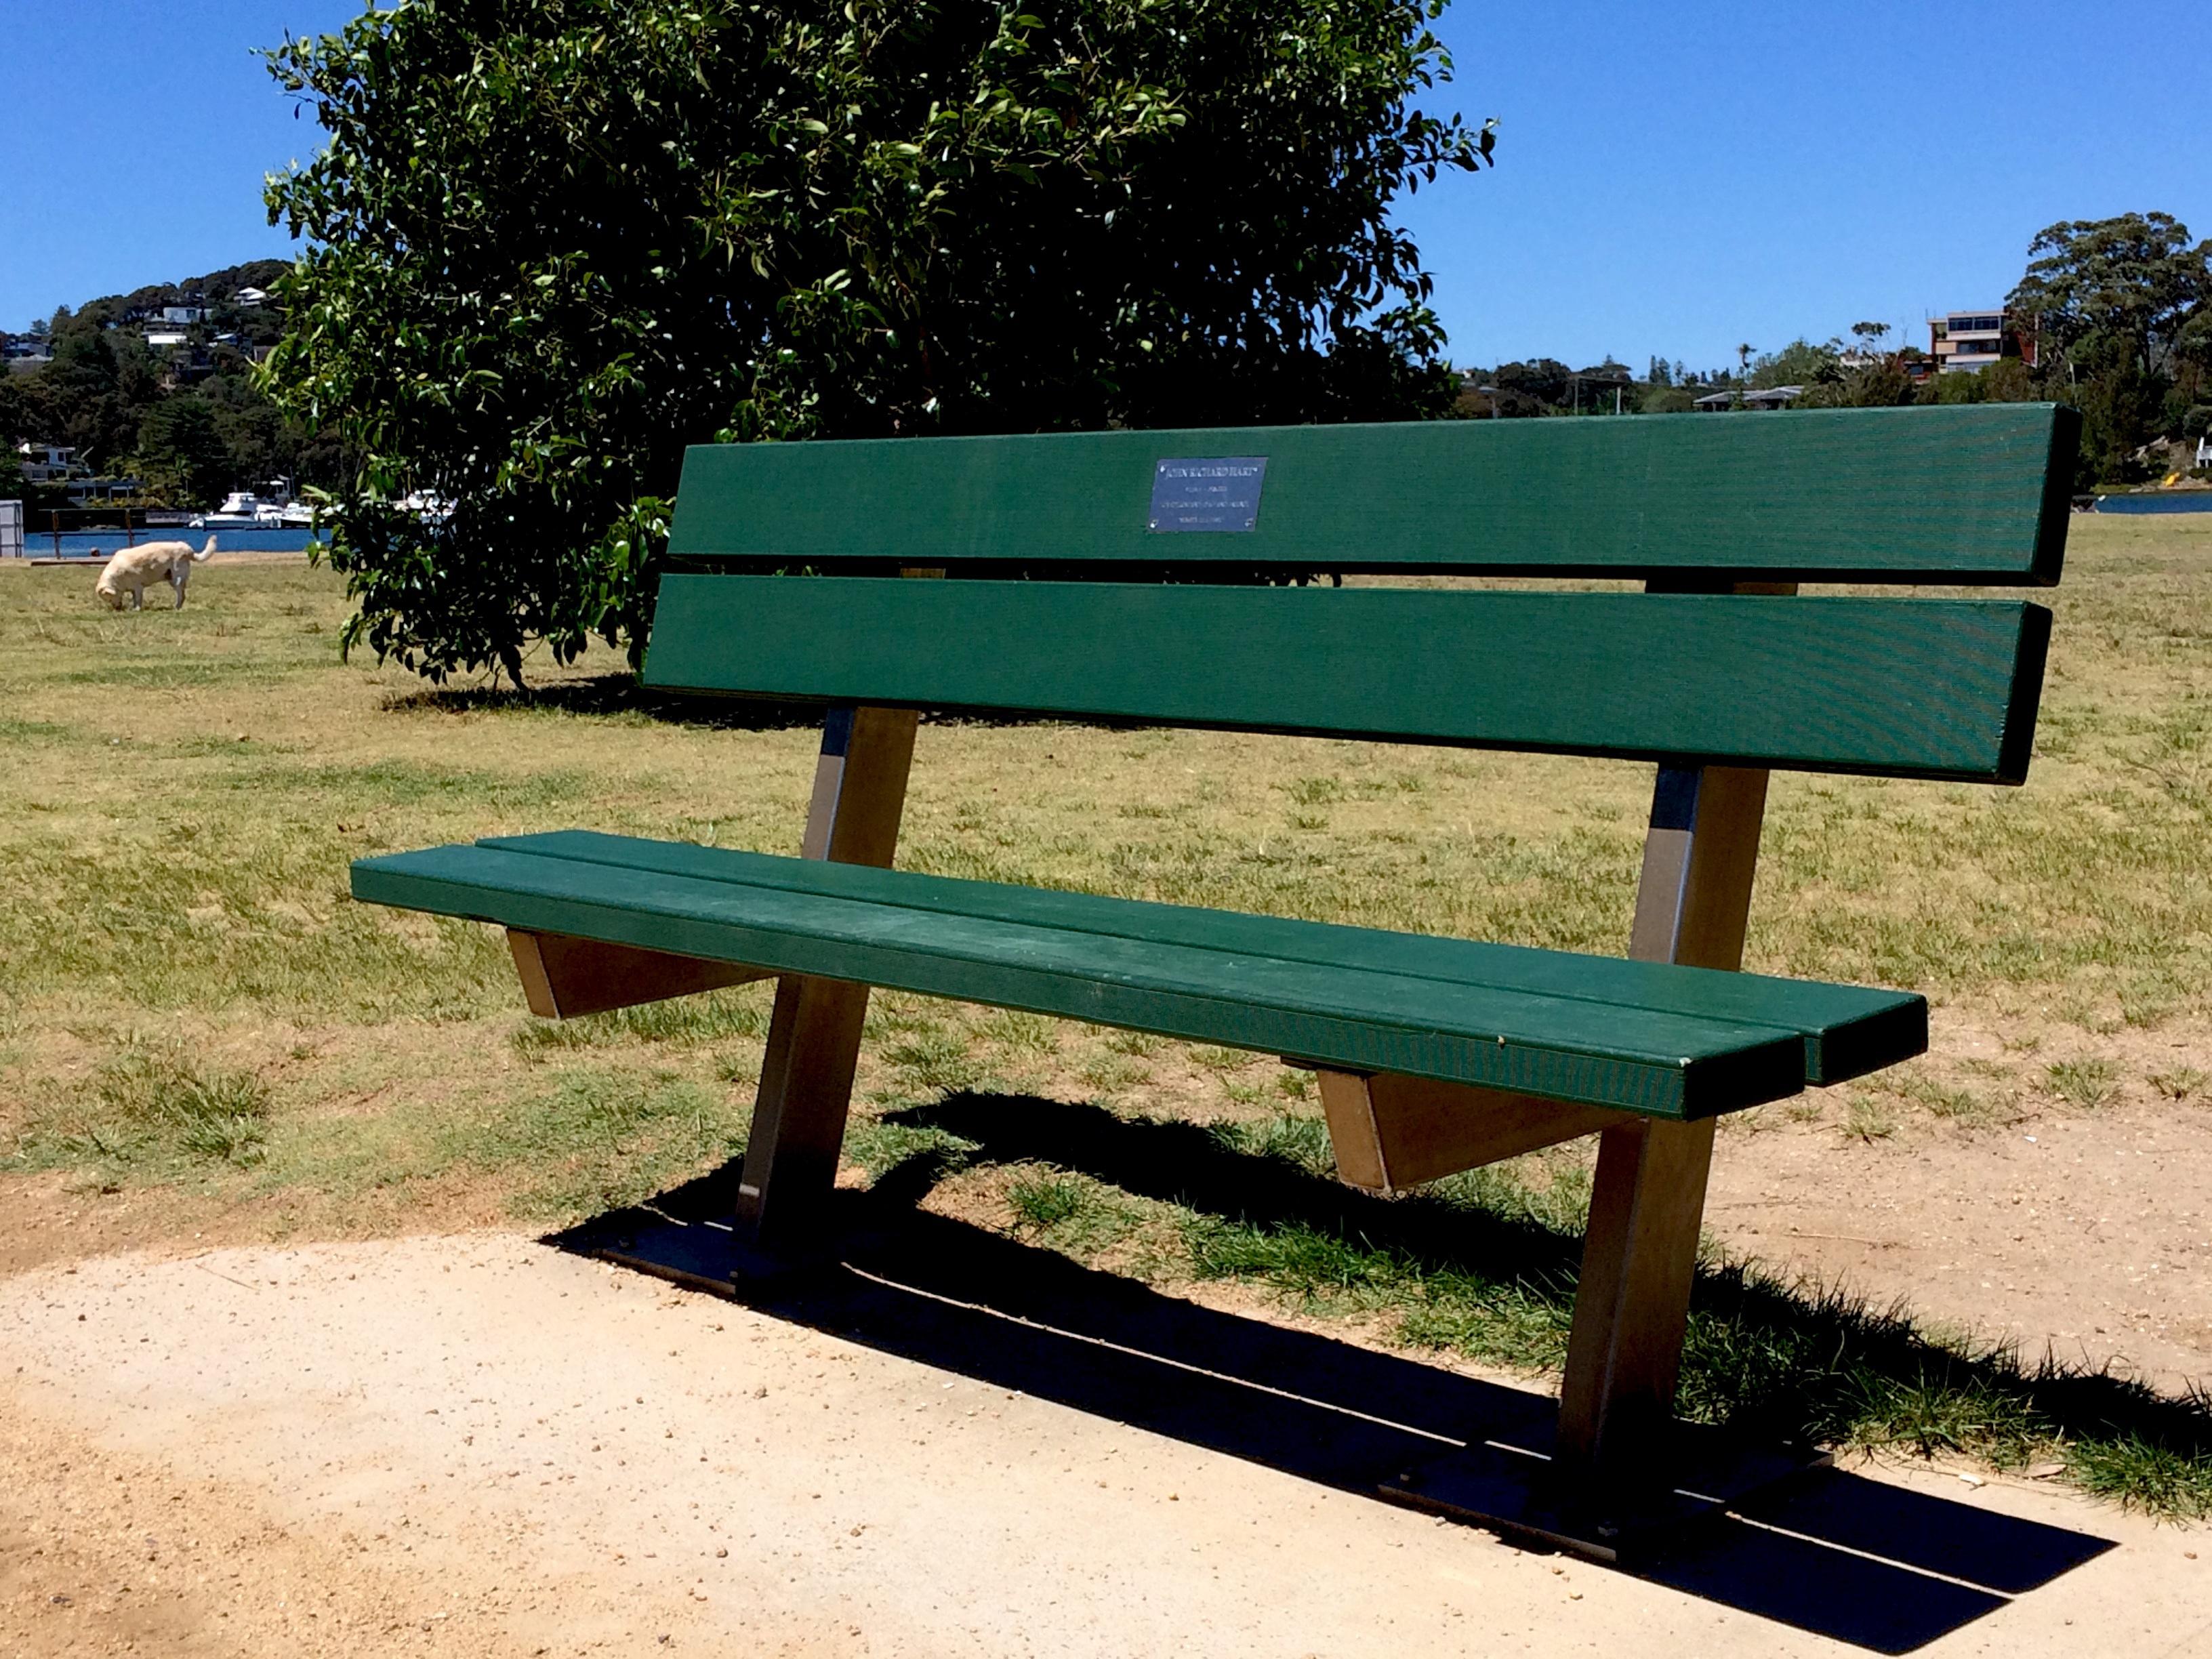 Fotos gratis : mesa, árbol, césped, madera, banco, verano, verde ...